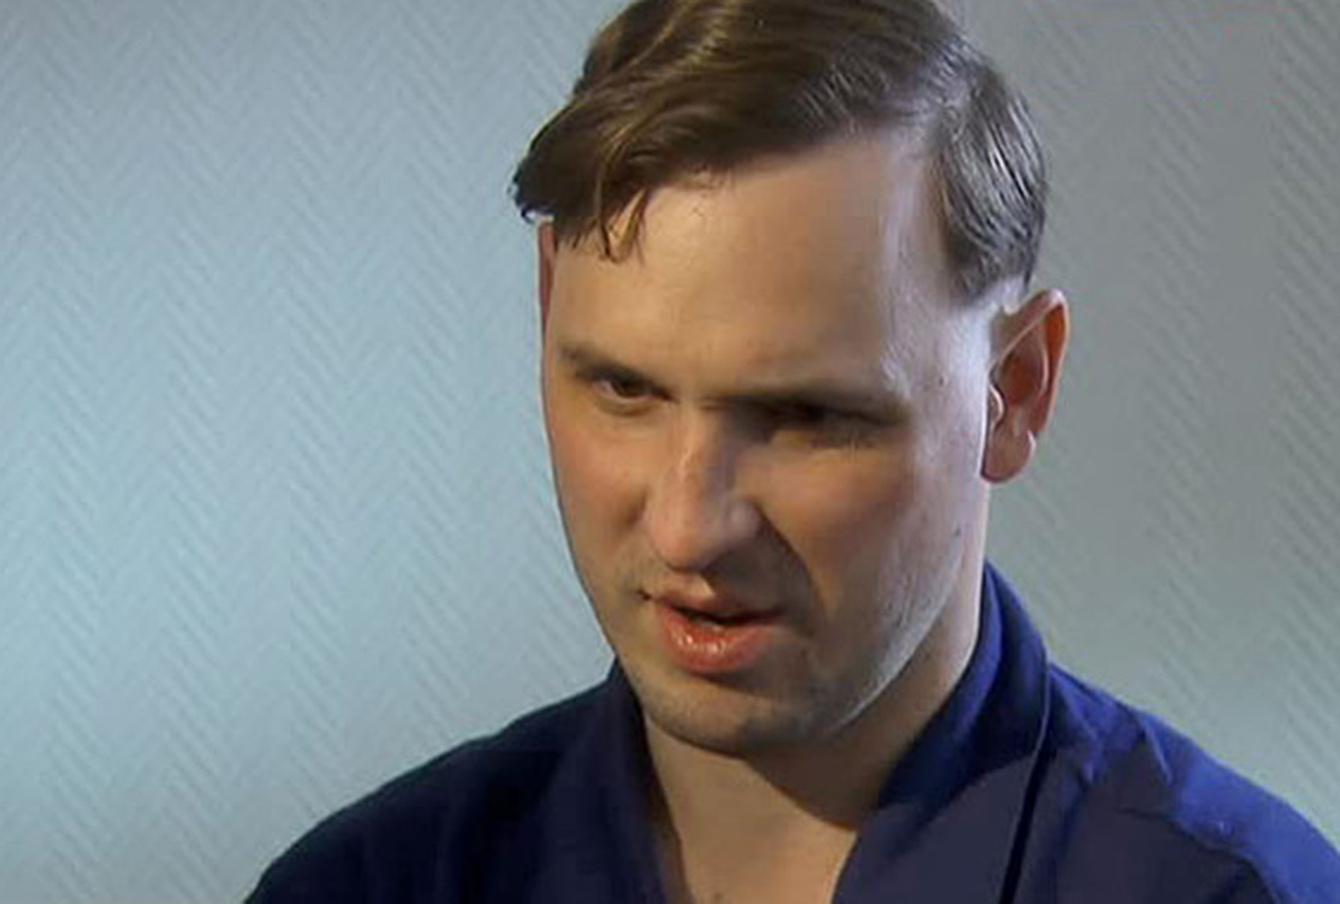 Ю.Тандит выразил уверенность, что О.Кольченко и А.Сенцов будут освобождены